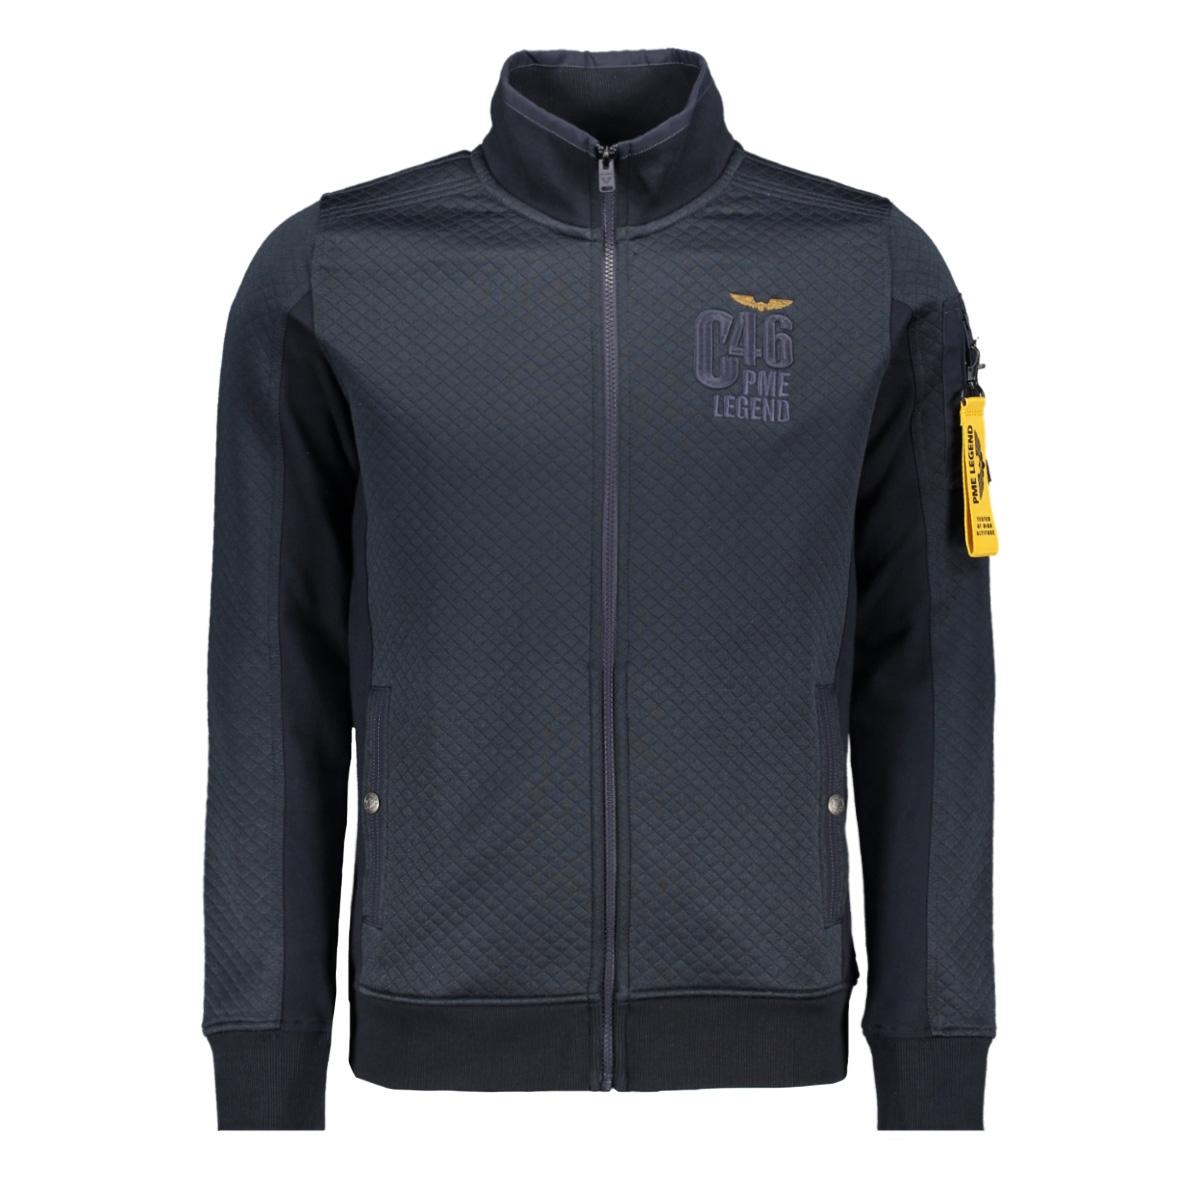 zip sweat jacket psw195404 pme legend vest 5281